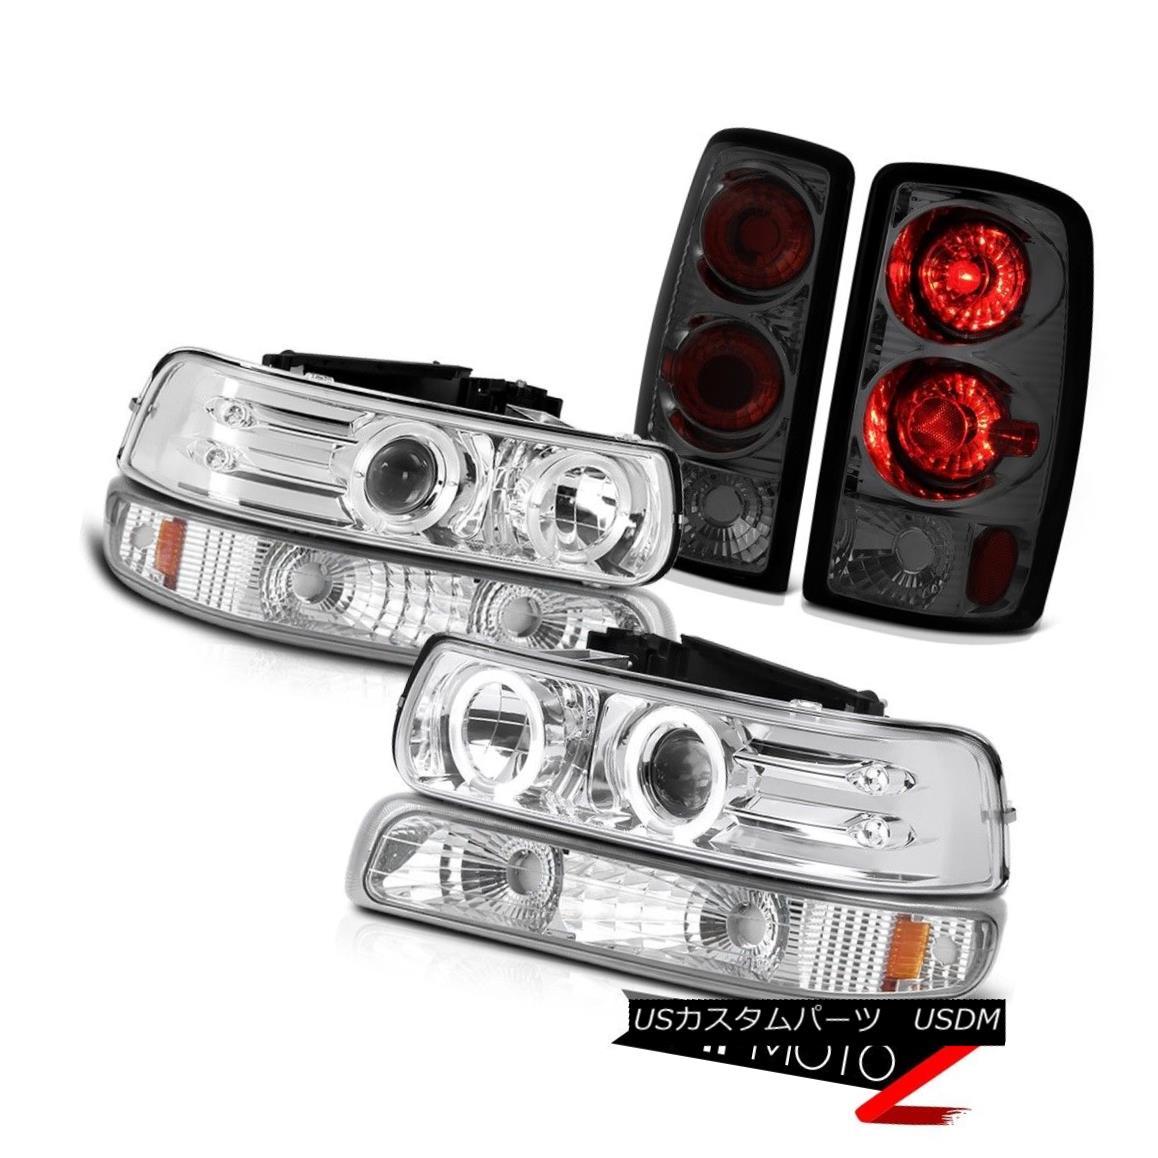 ヘッドライト 00 01 02 03 04 05 06 Tahoe 5.3L LED Headlights Chrome Parking Smoke Tail Lamps 00 01 02 03 04 05 06タホー5.3L LEDヘッドライトクロームパーキング煙テールランプ